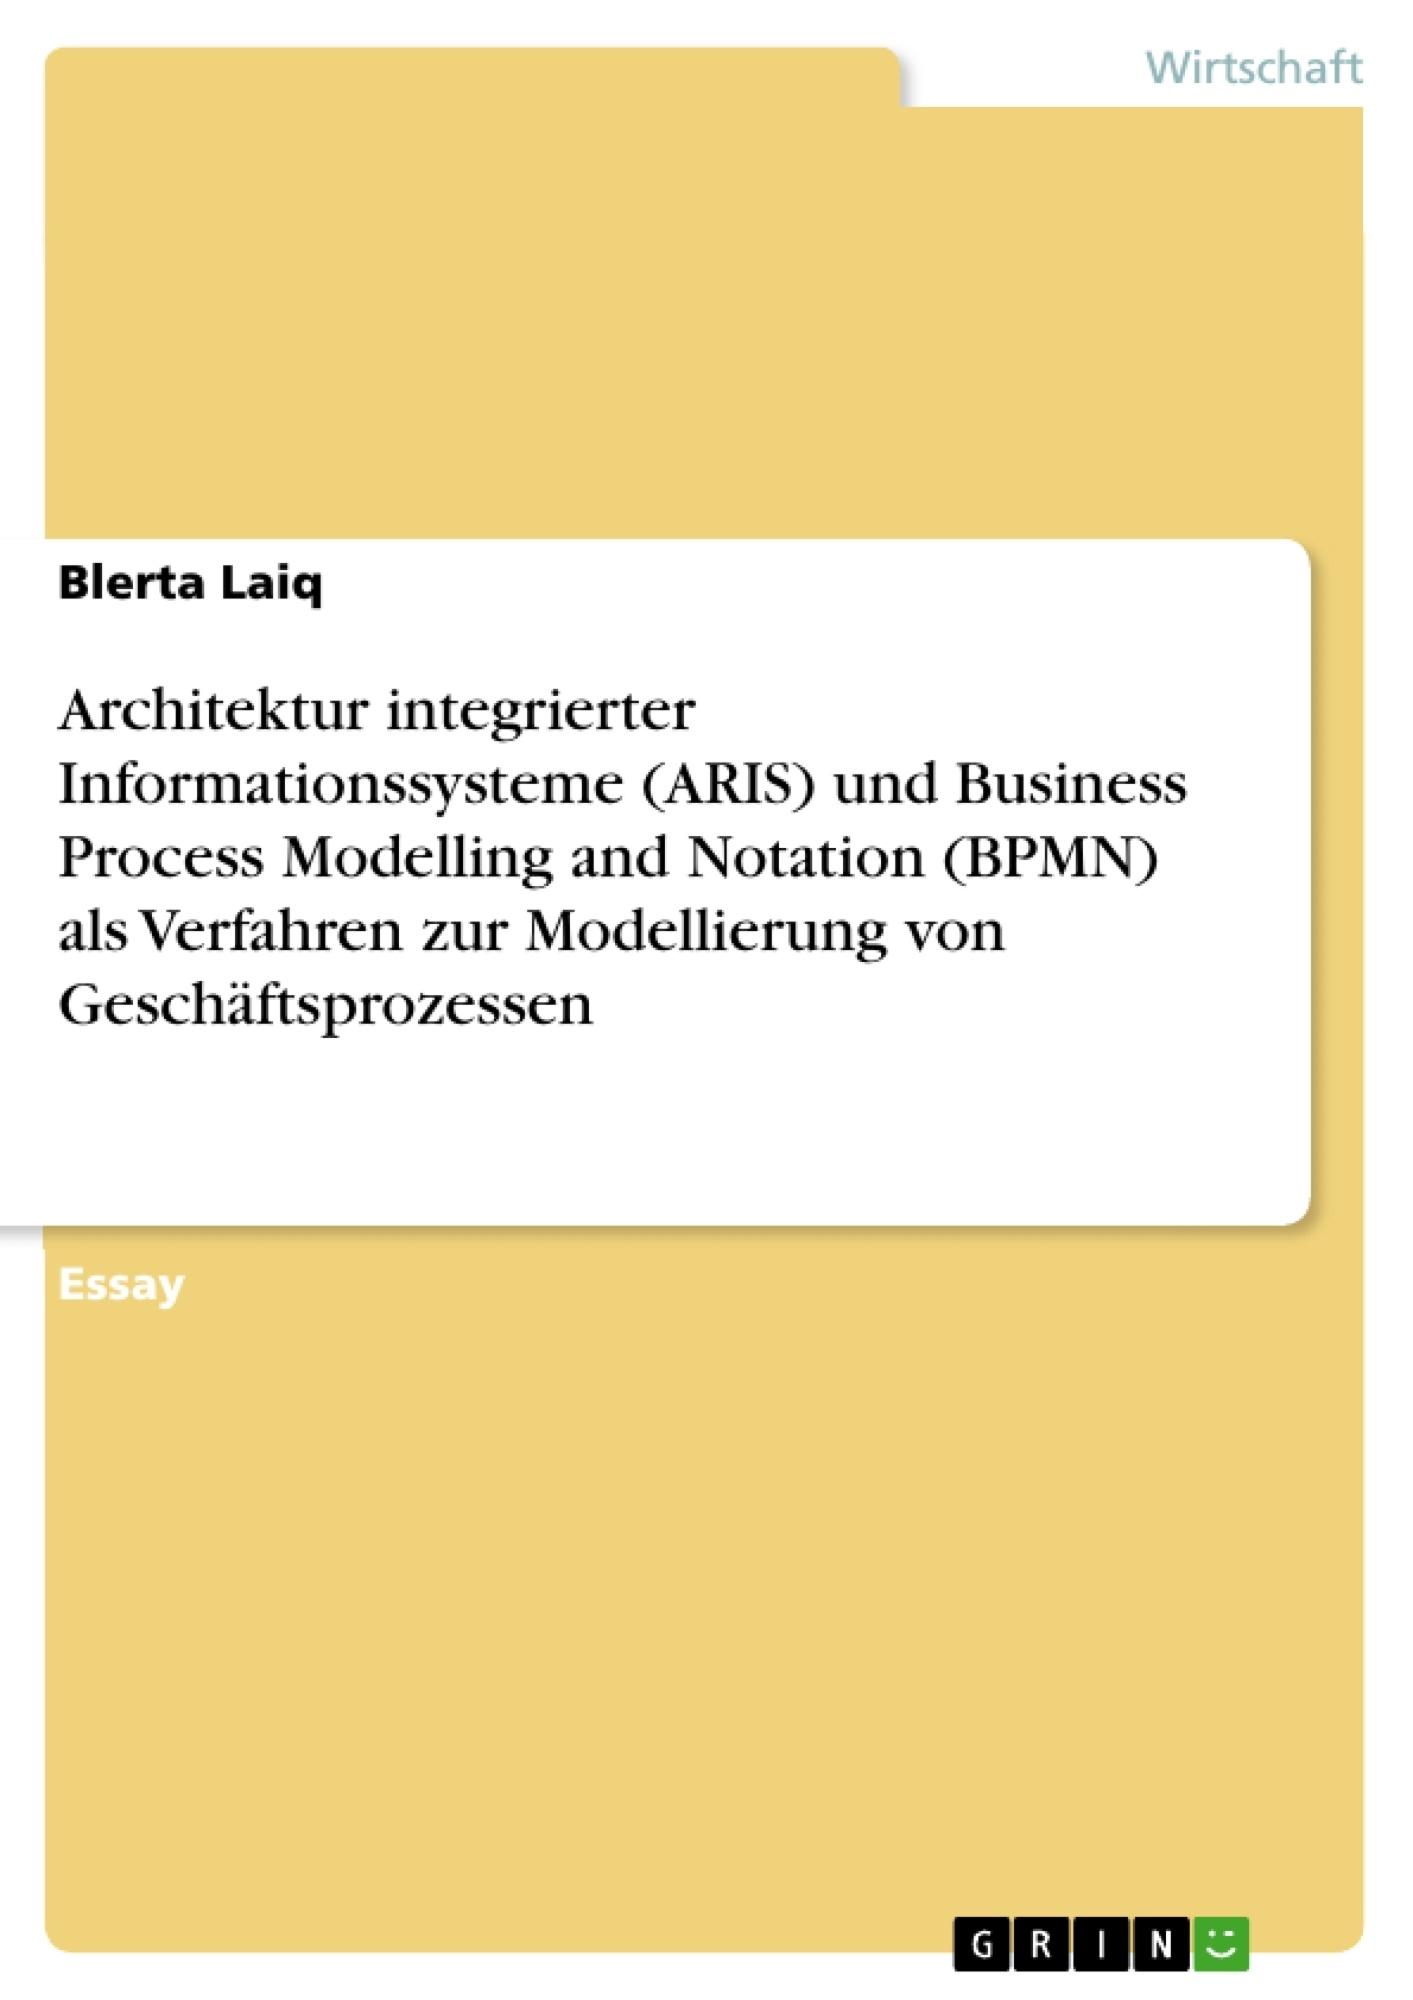 Titel: Architektur integrierter Informationssysteme (ARIS) und Business Process Modelling and Notation (BPMN) als Verfahren zur Modellierung von Geschäftsprozessen